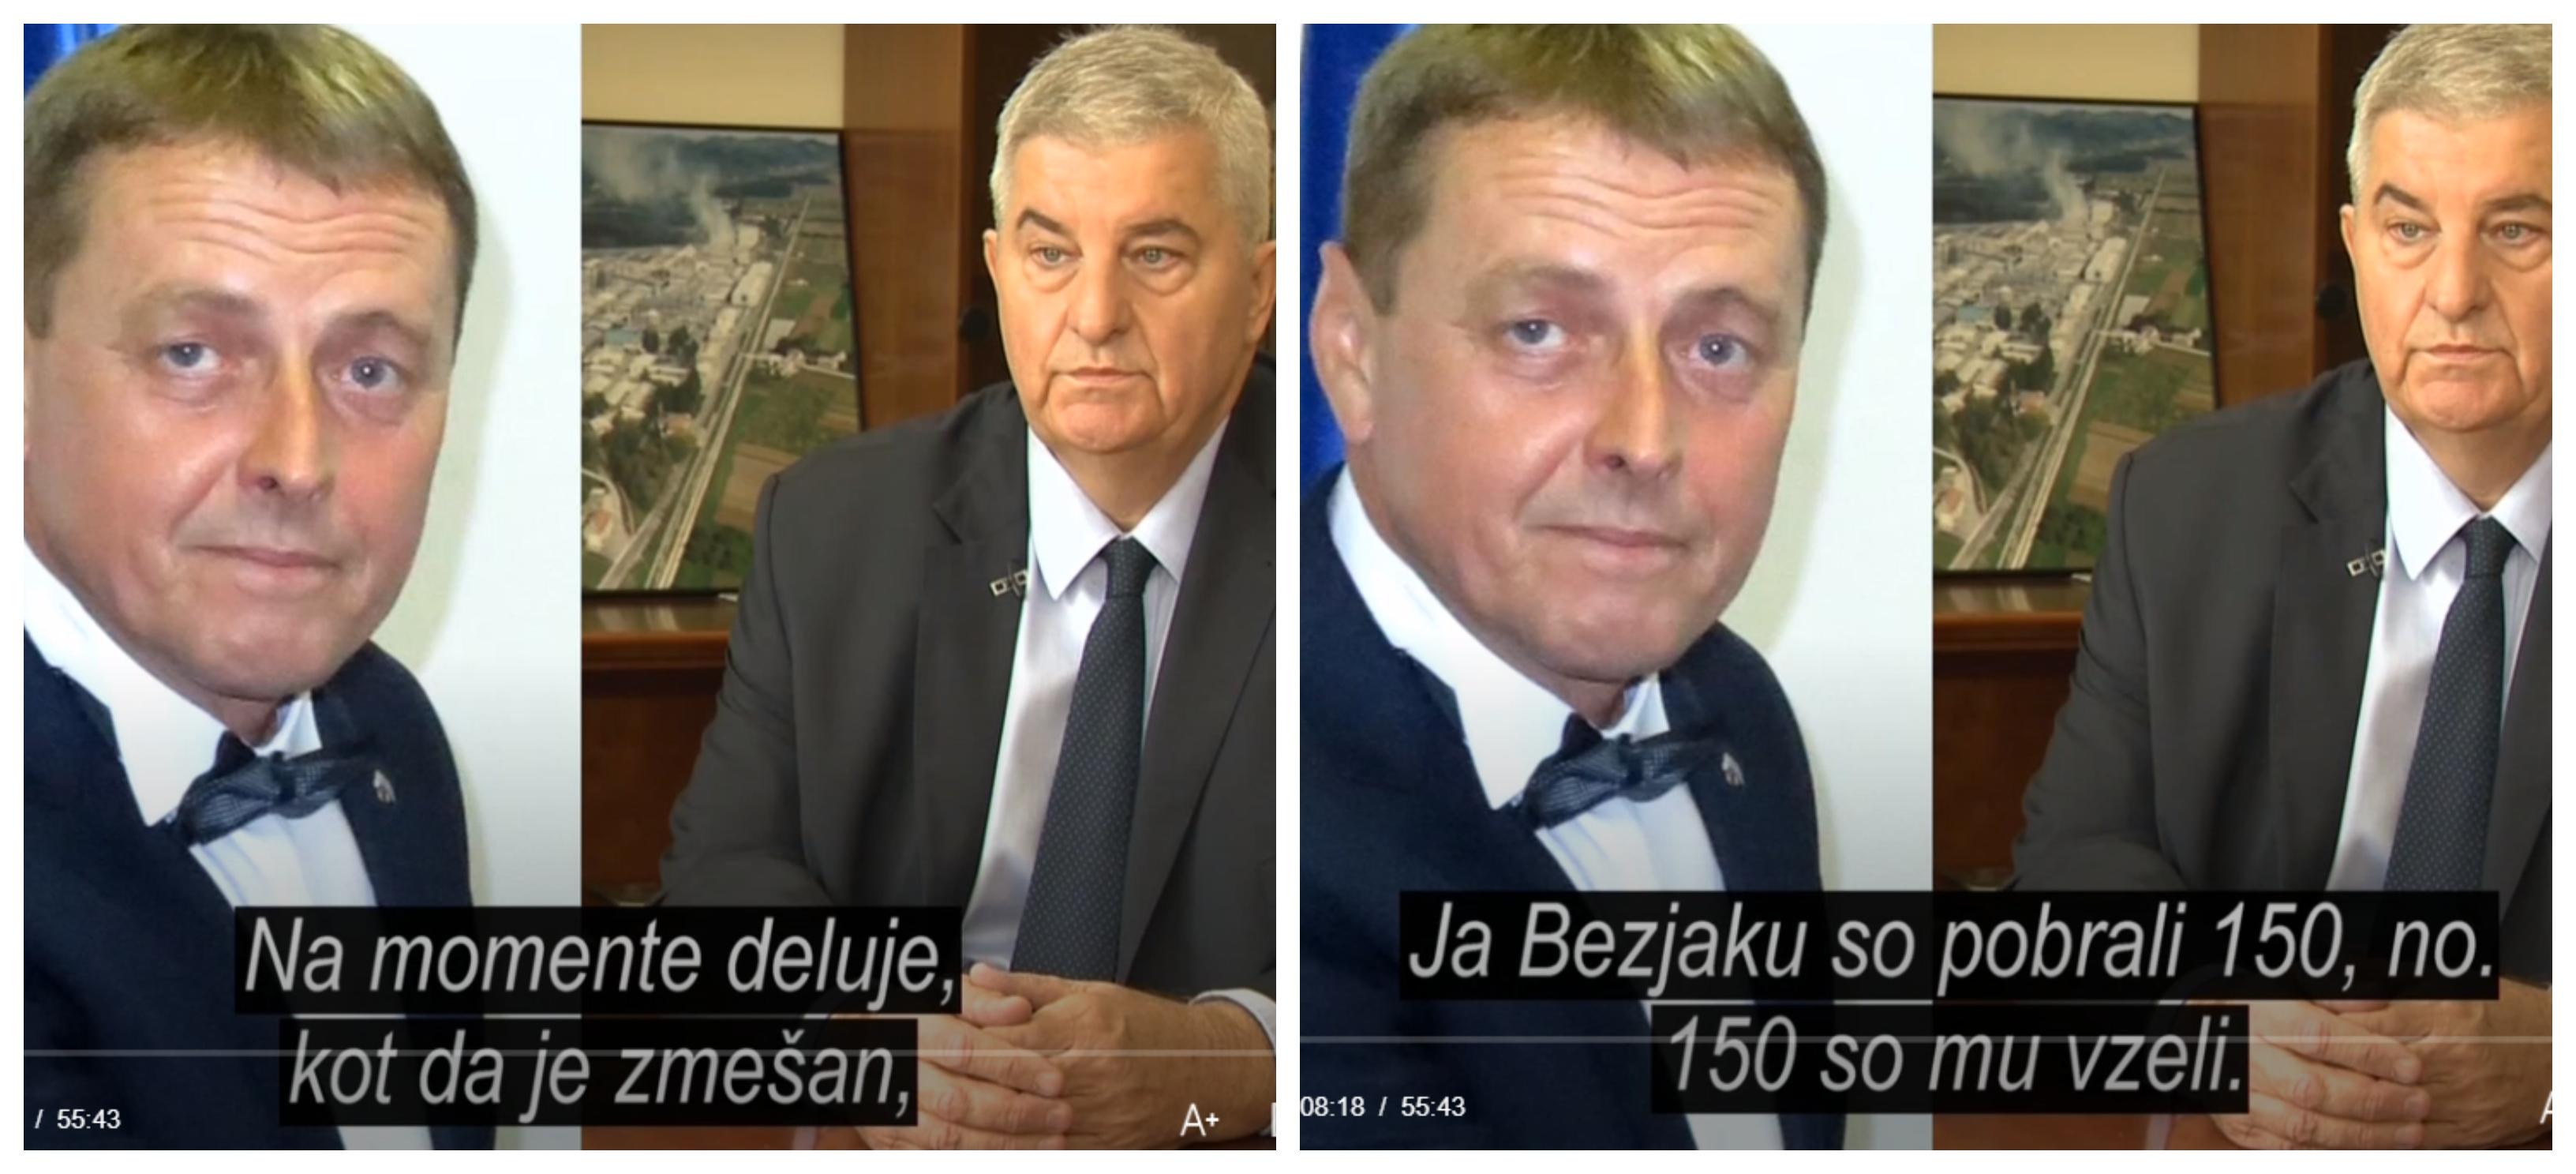 Del pogovora med notarjem Gorazdom Fišrerjem in Veselinom Djurovićem. (Foto: Tarča RTV Slo)